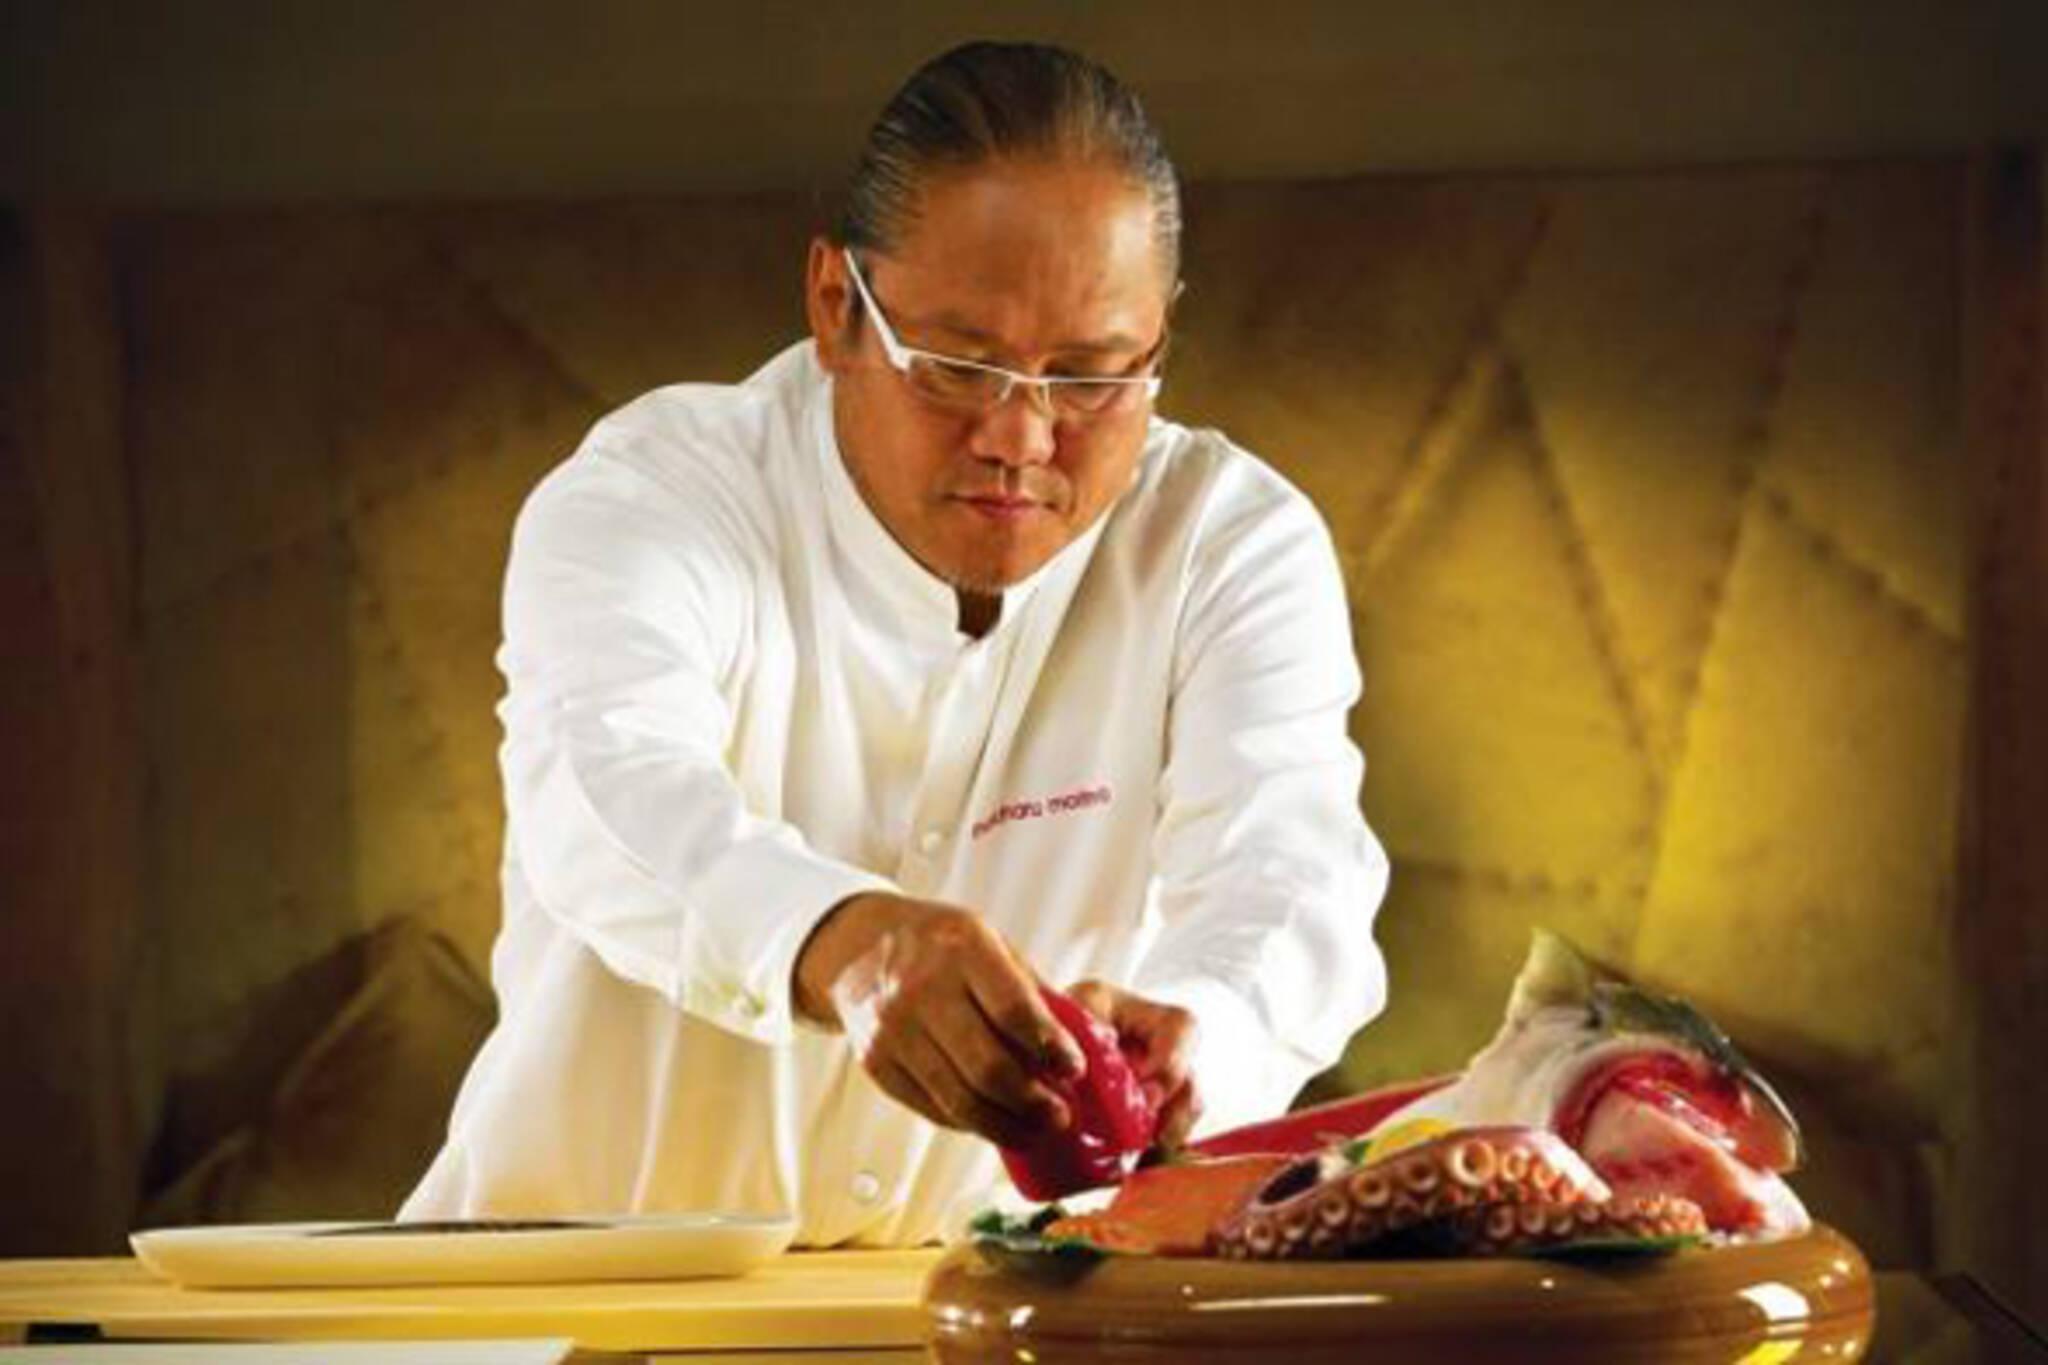 Iron Chef Morimoto Toronto